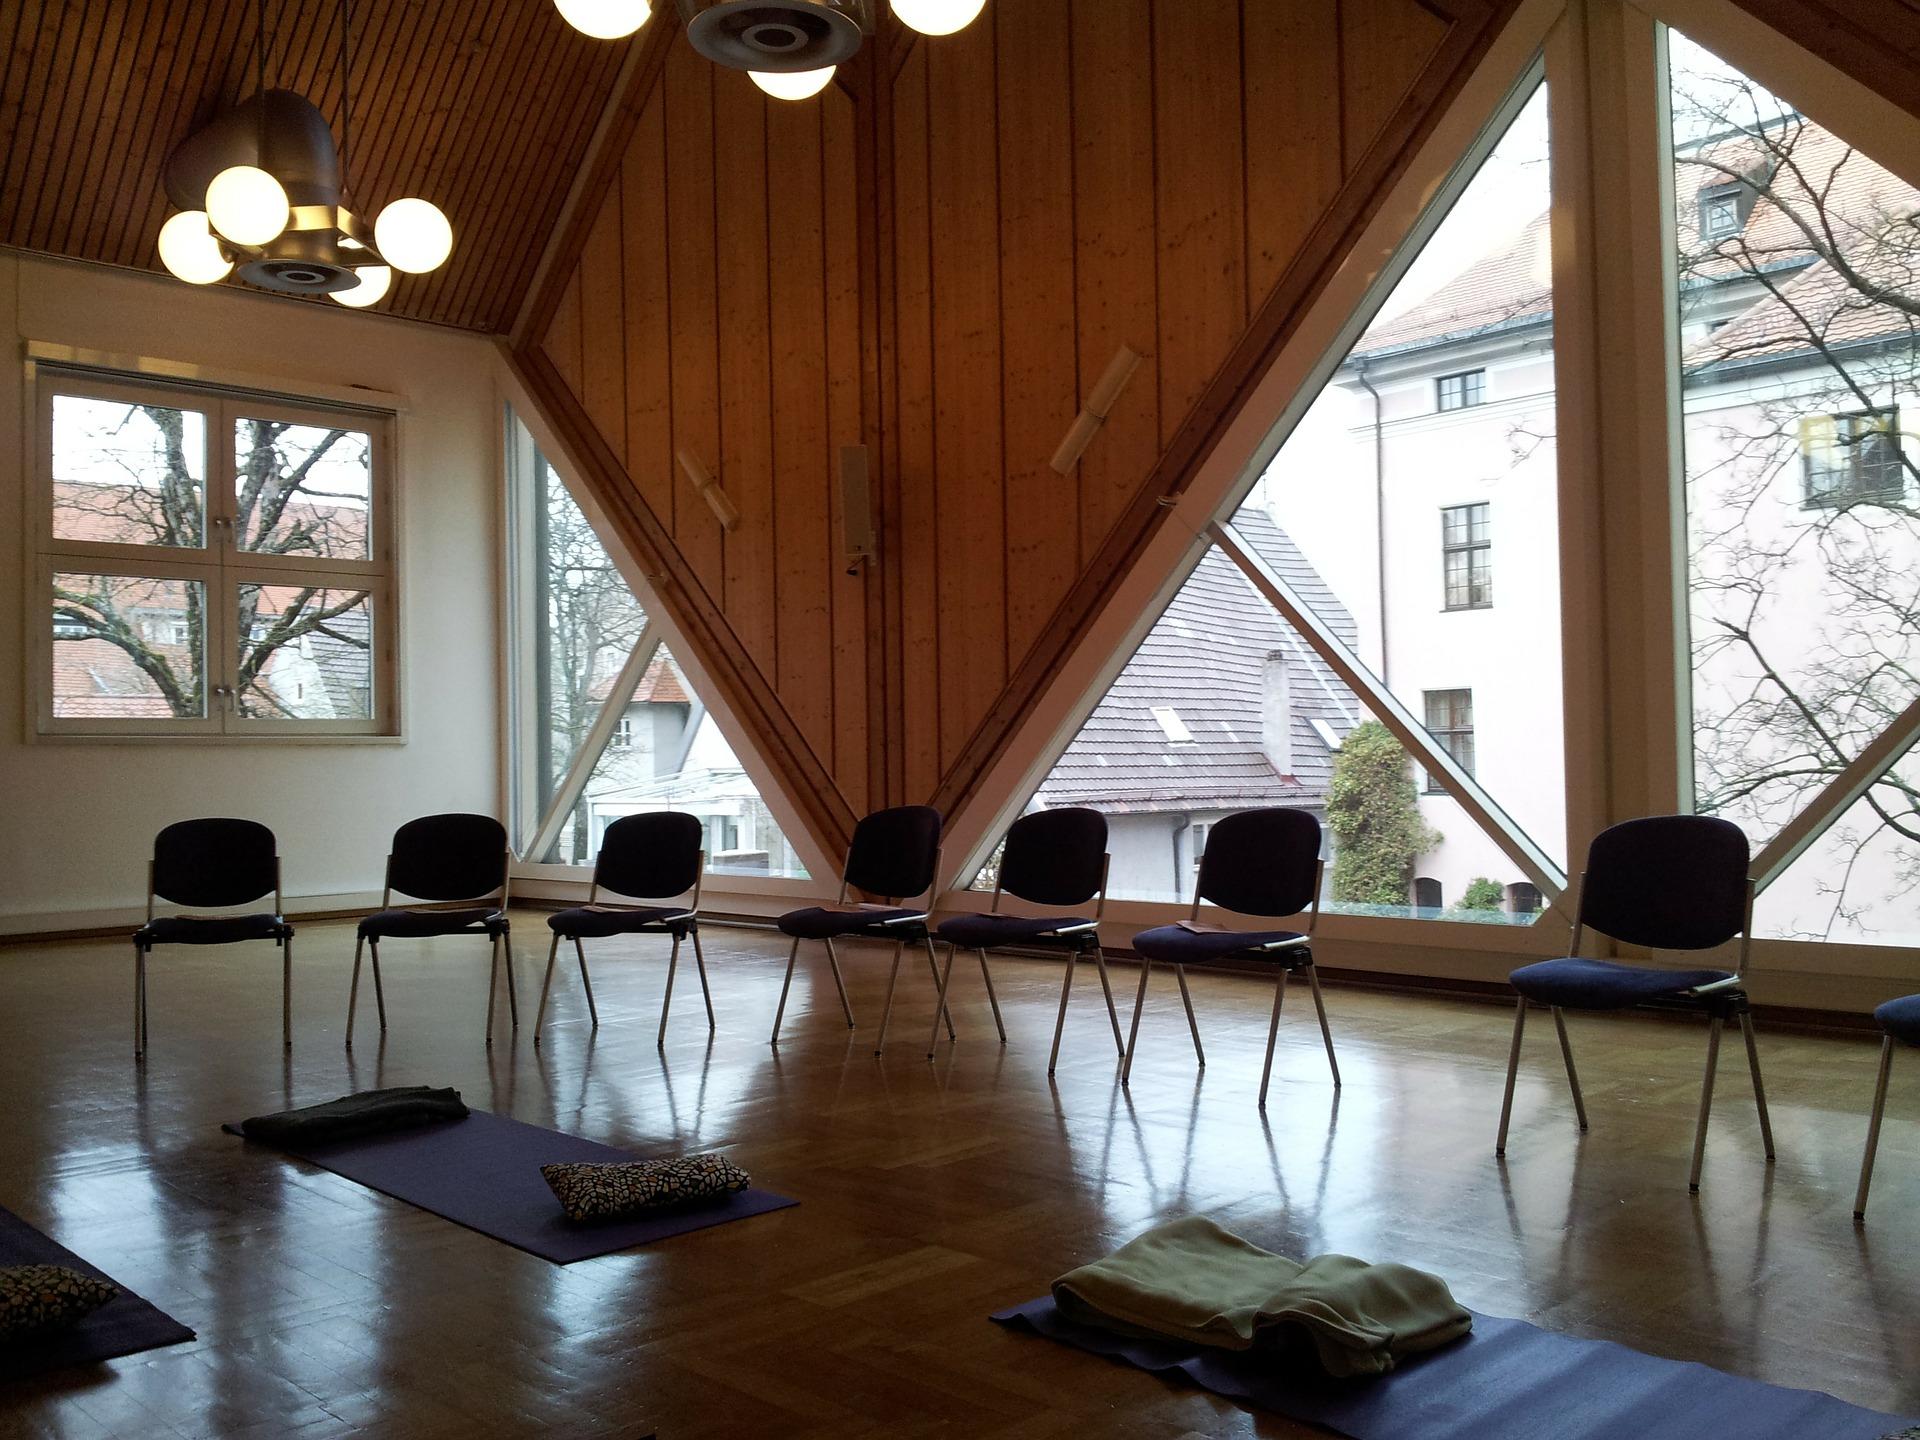 seminar-room-78504_1920.jpg